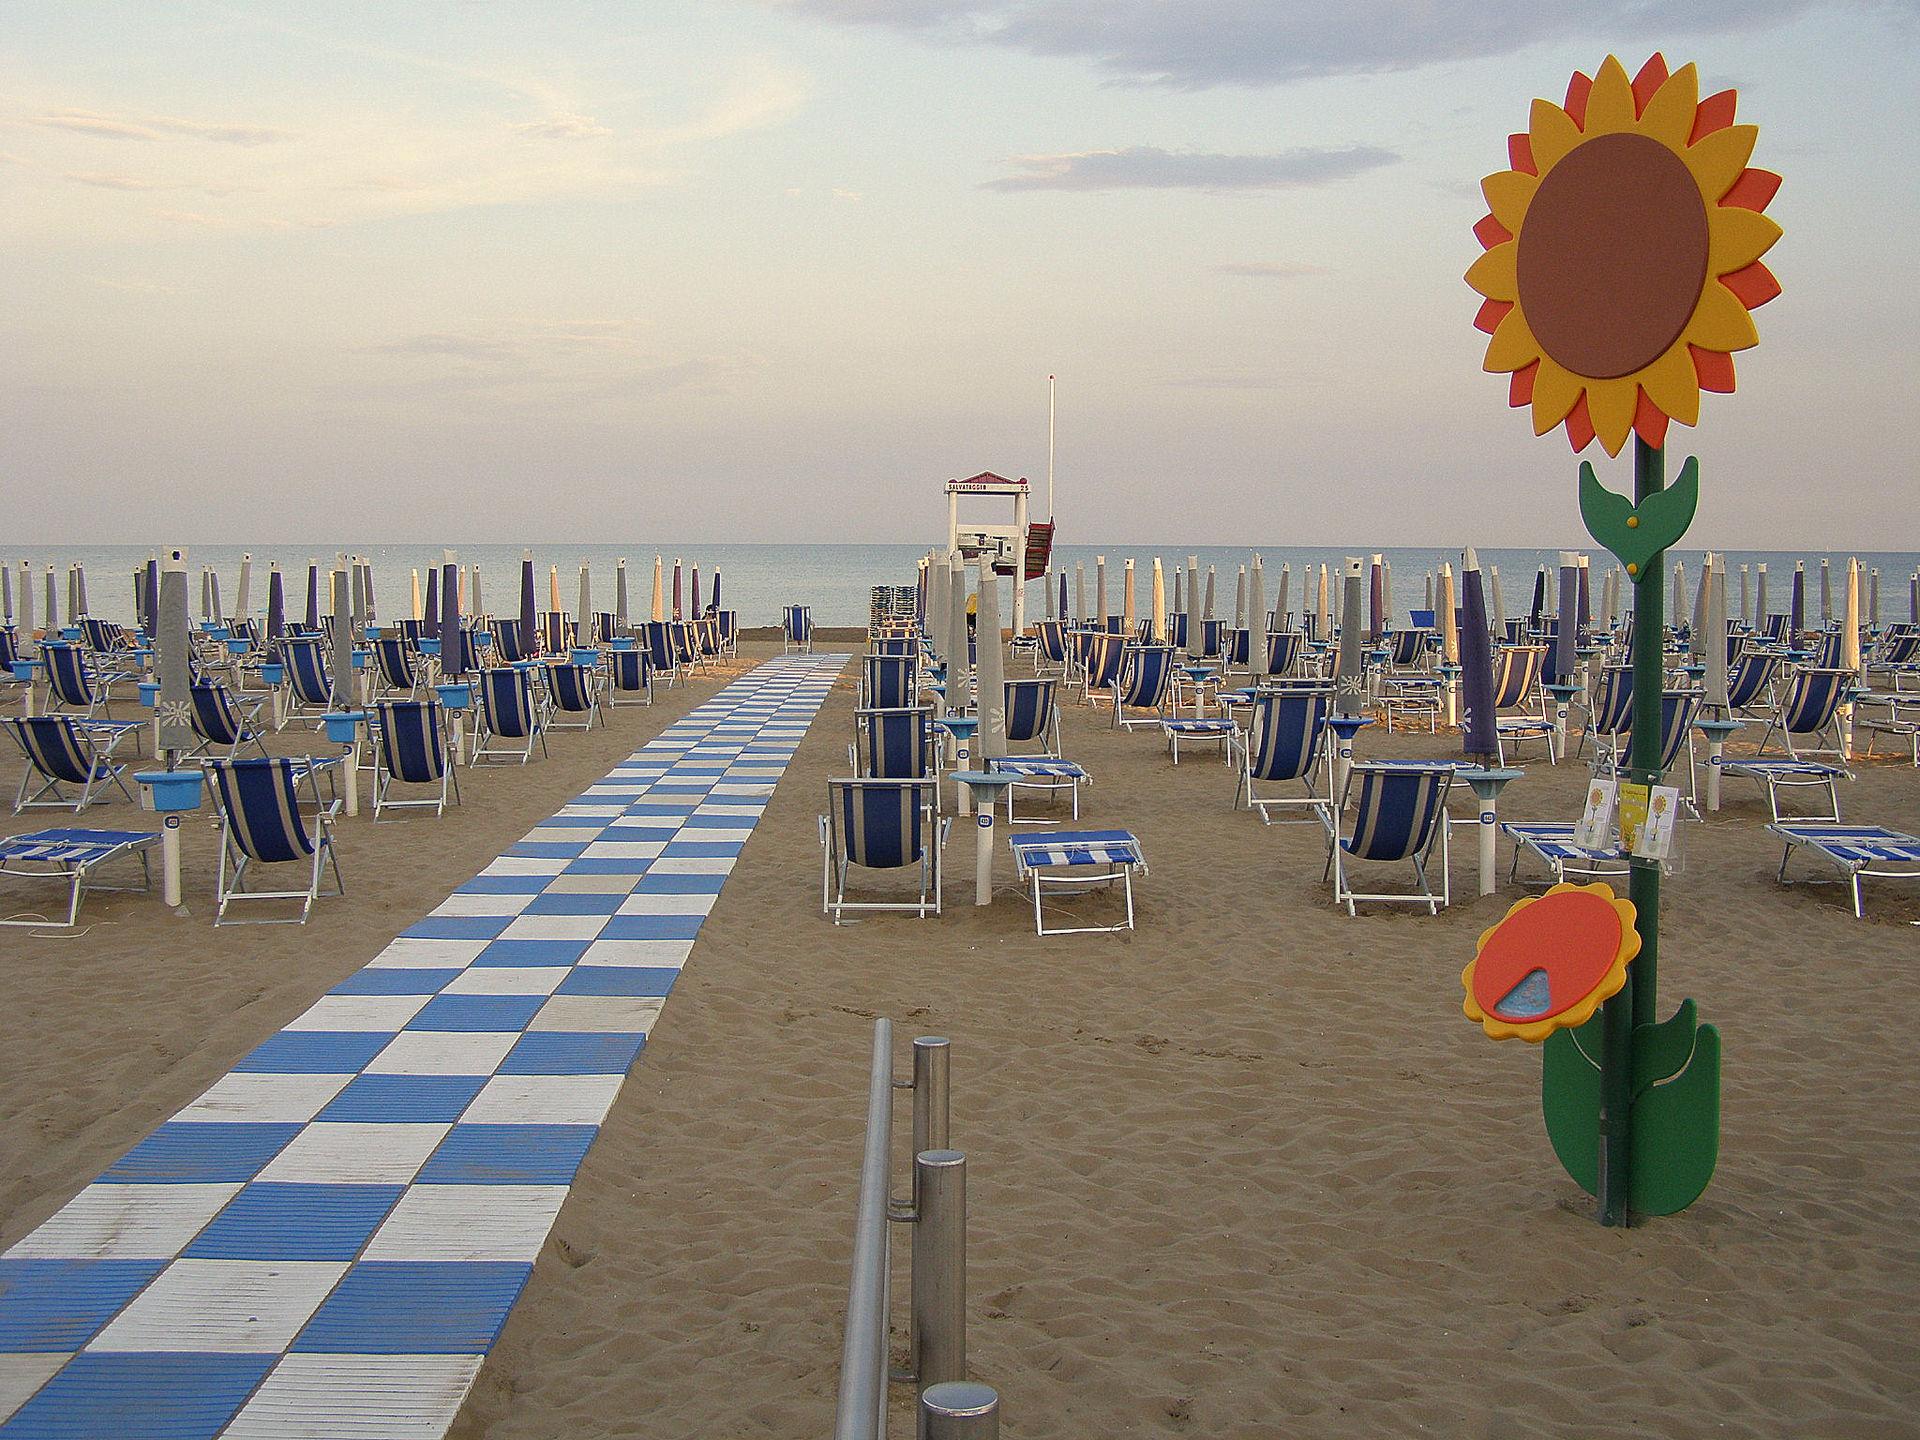 Quali sono le migliori spiagge per bambini in italia - Quali sono le cucine migliori ...